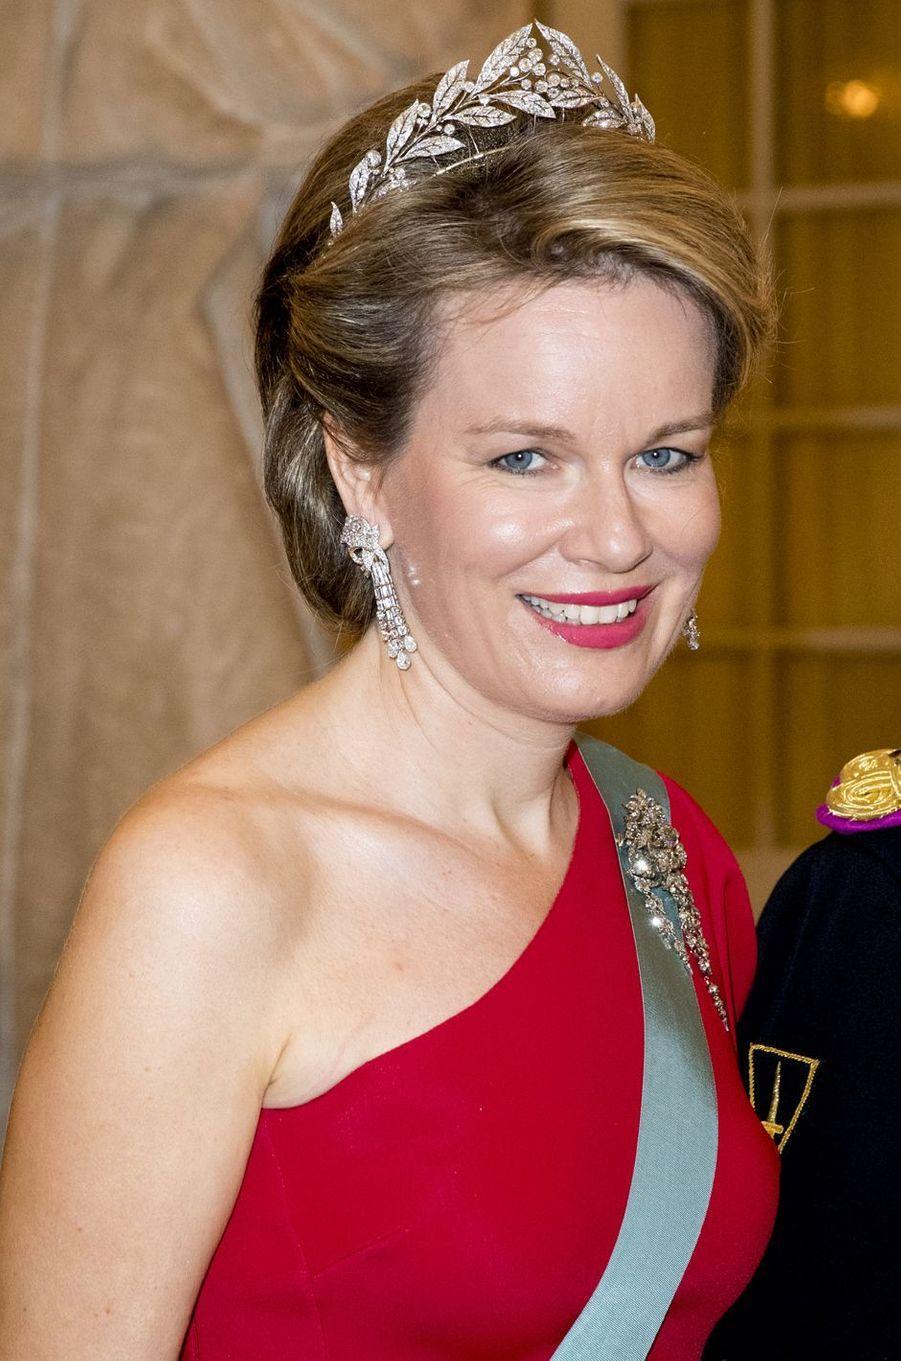 La reine Mathilde de Belgique à Copenhague, le 26 mai 2018